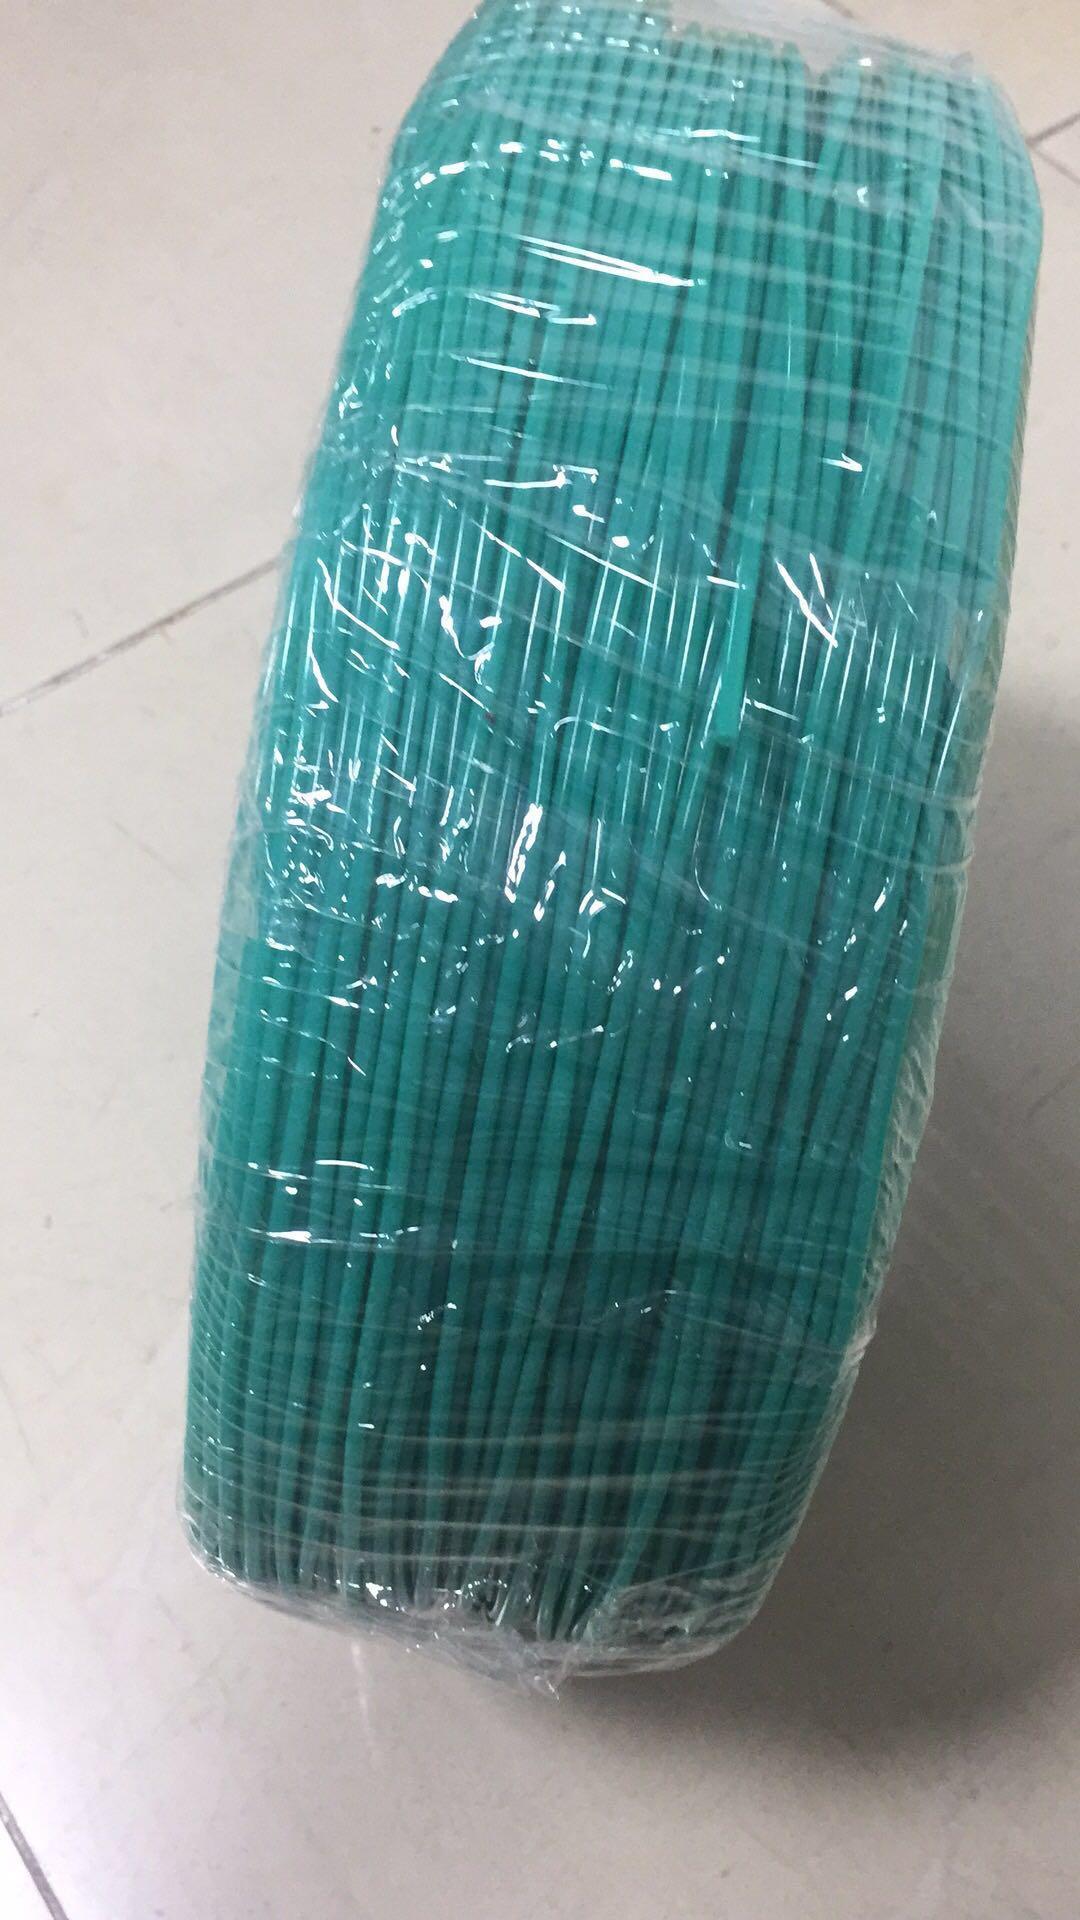 PVC HEAT SHRINKABLE TUBING 14